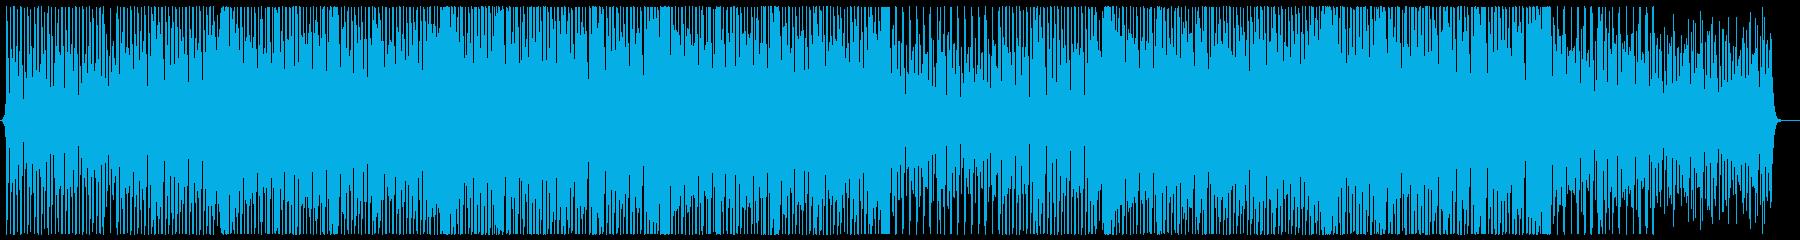 ほんわか口笛コンセプトムービー風の再生済みの波形